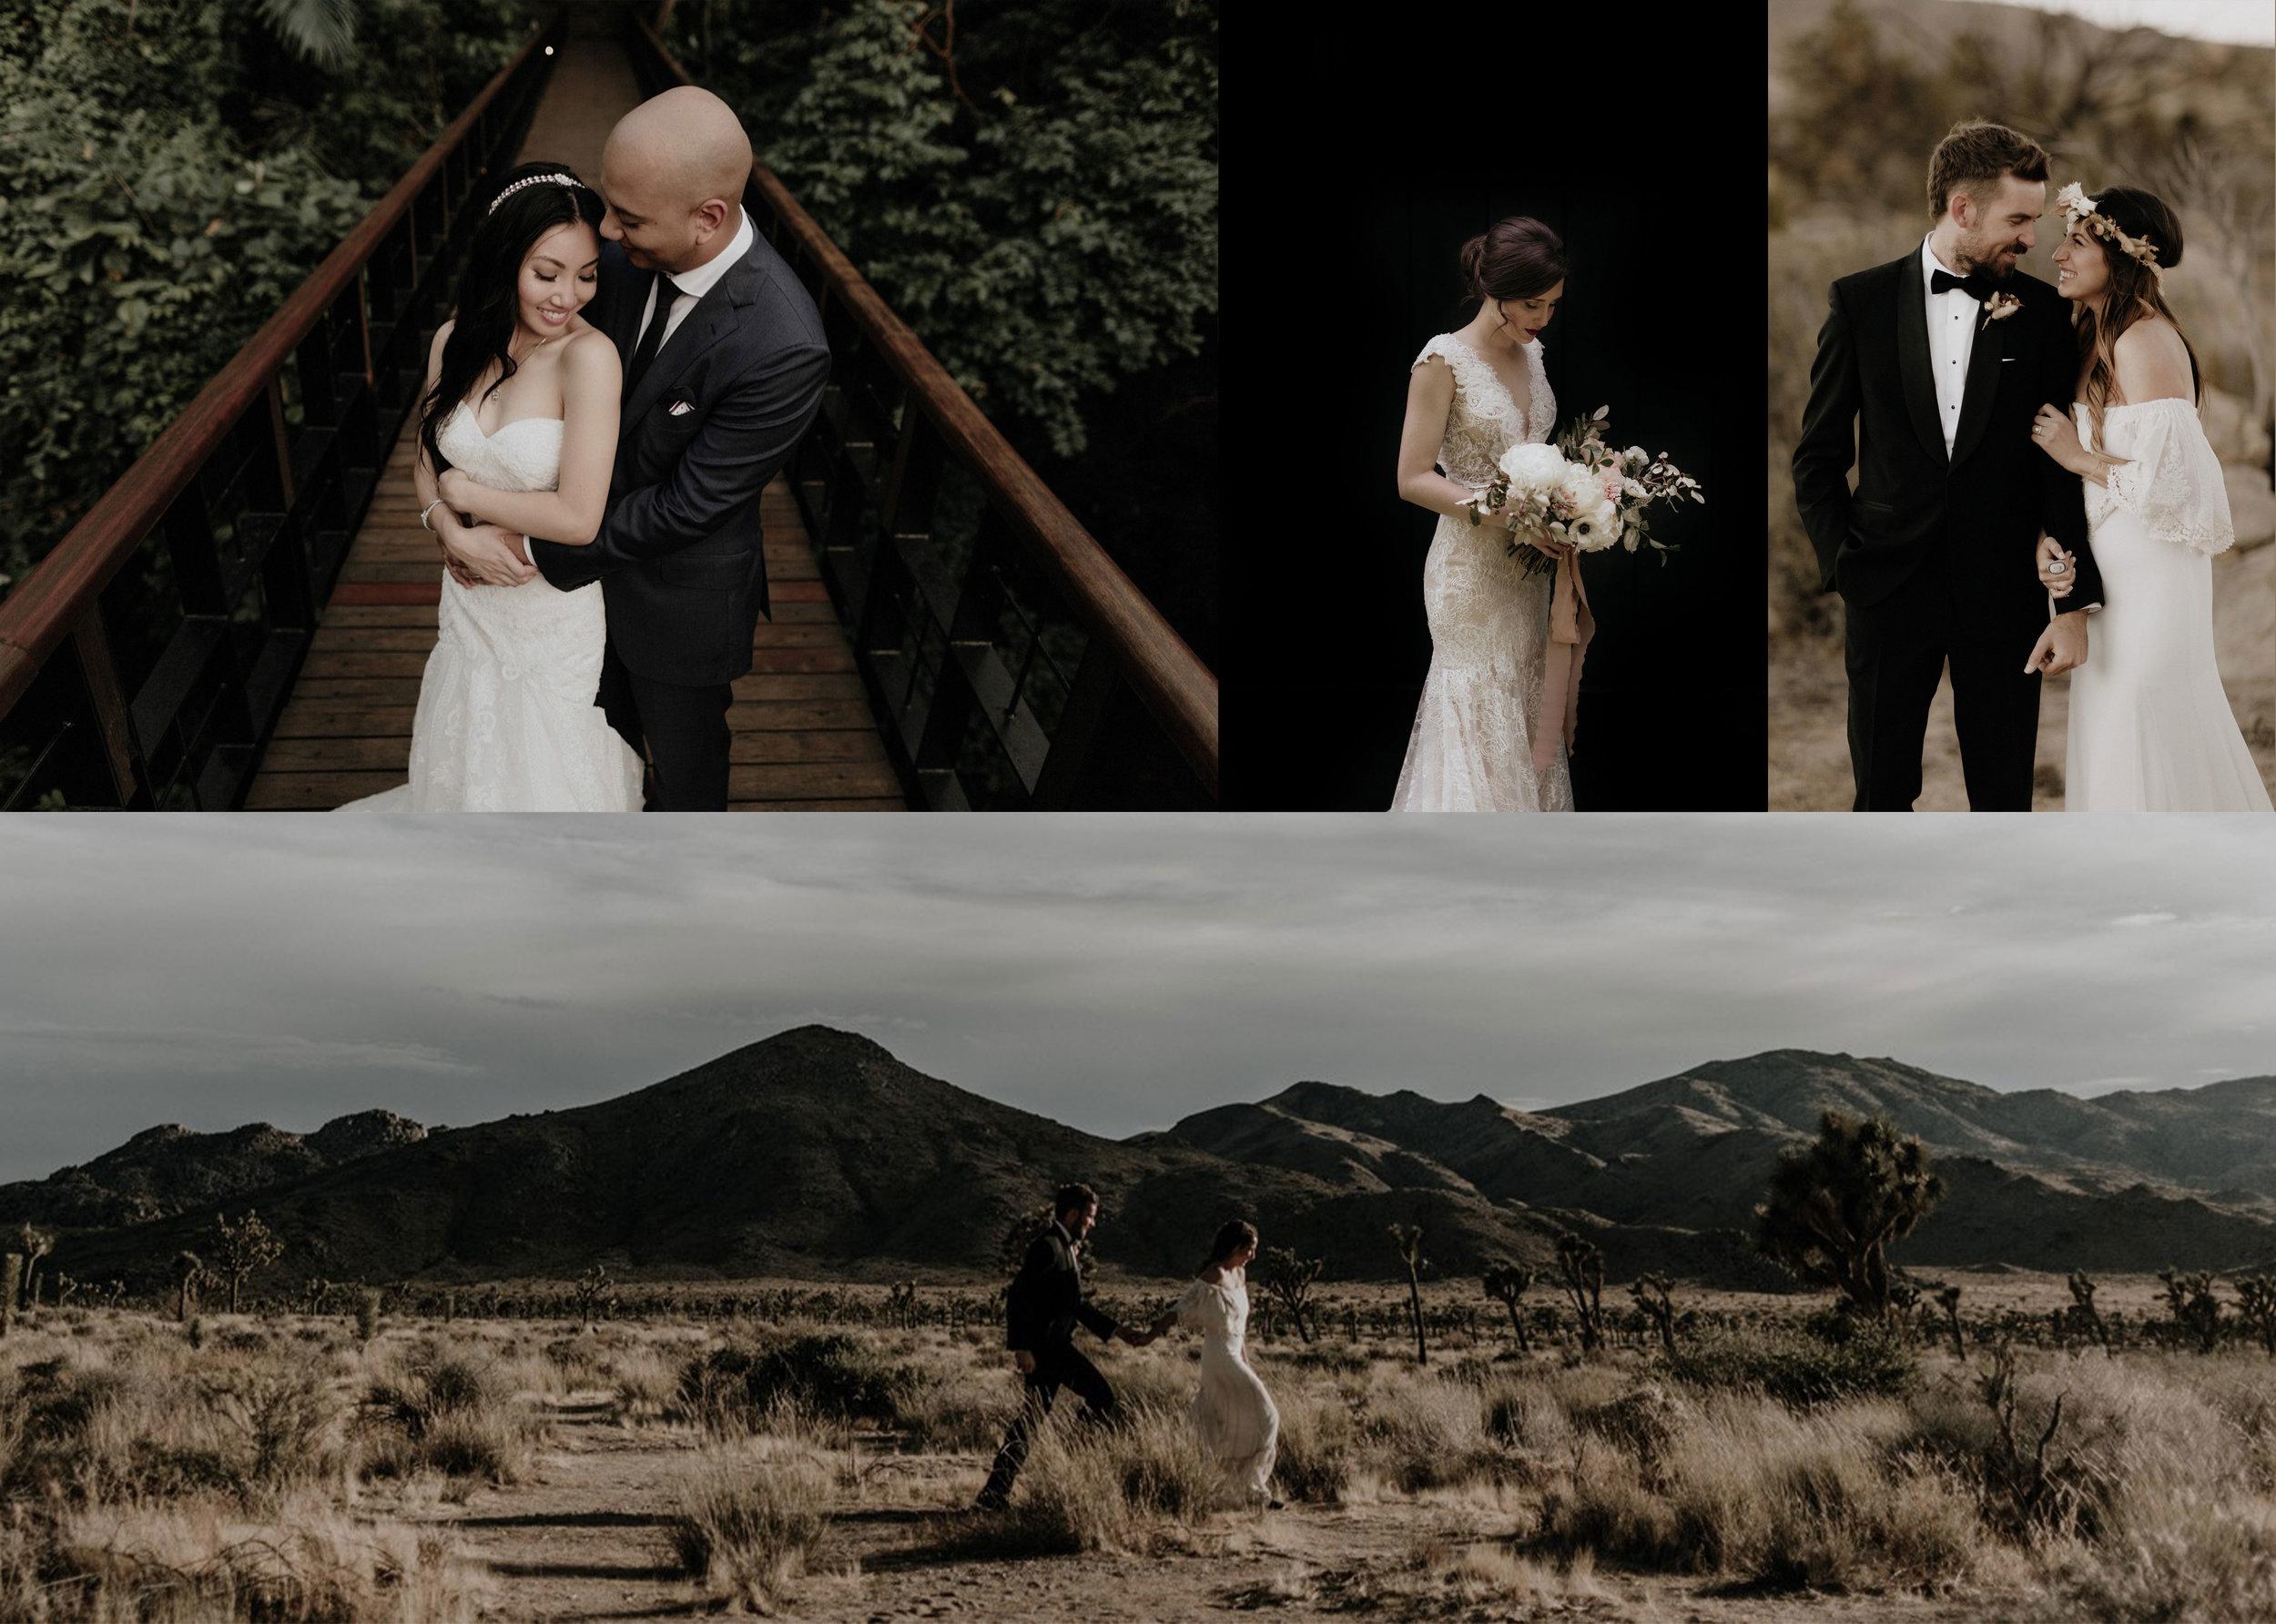 3-Photos.jpg